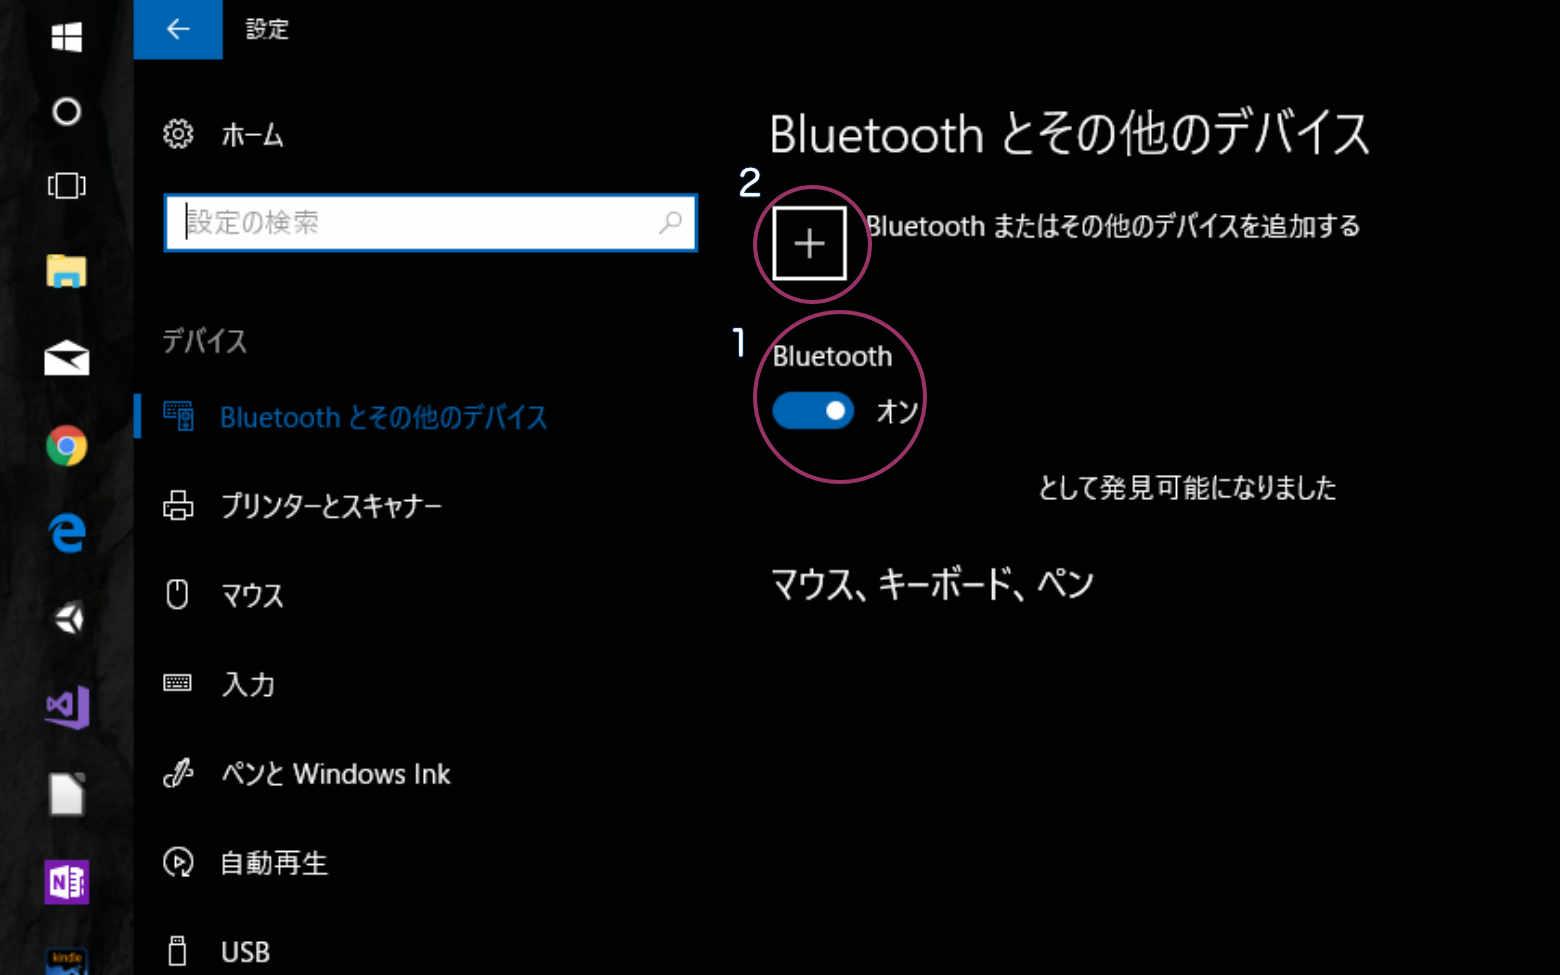 Bluetoothキーボードのペアリング方法